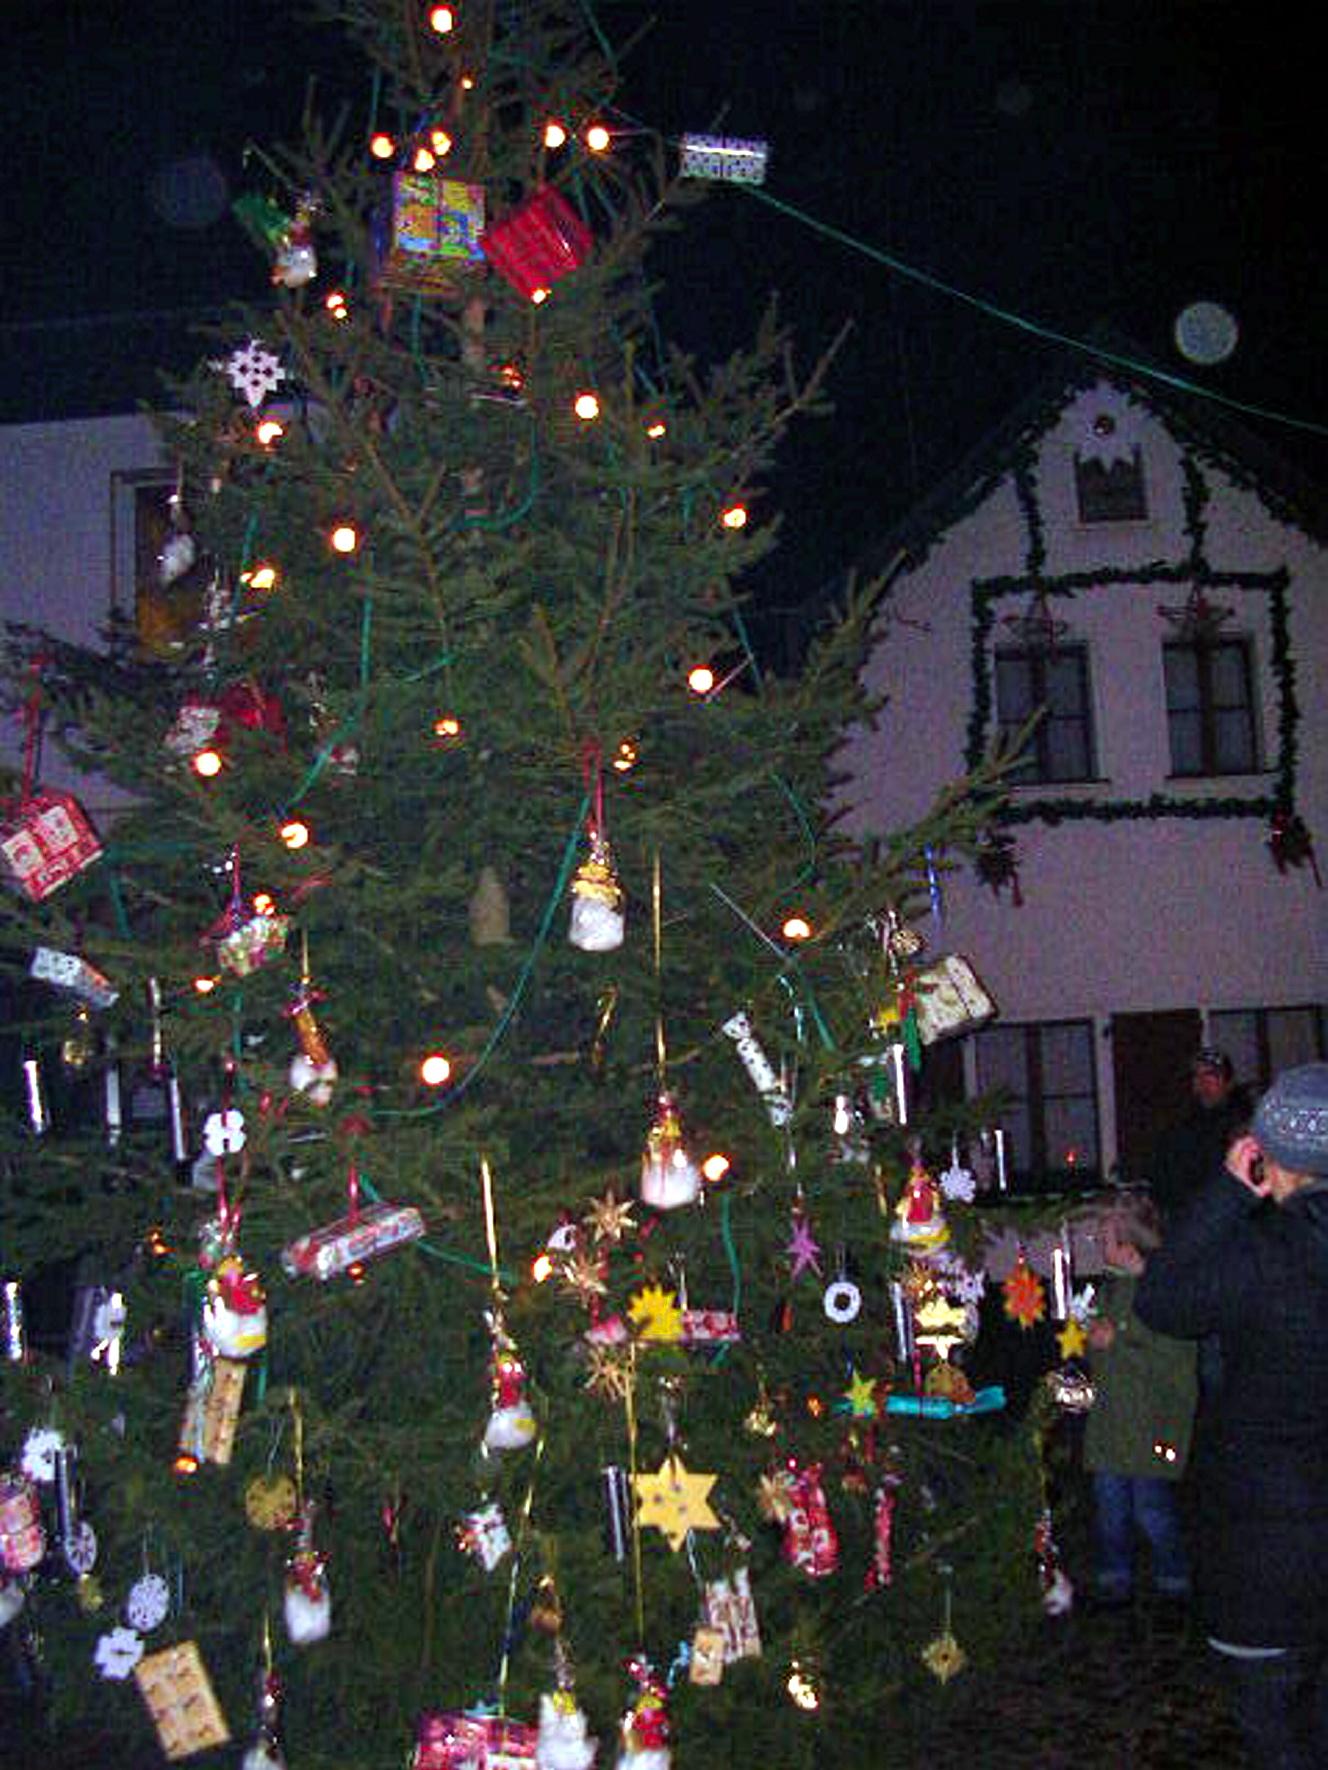 Weihnachtsbaum Ab Wann.Www Mechernich De Kinder Schmücken Weihnachtsbaum